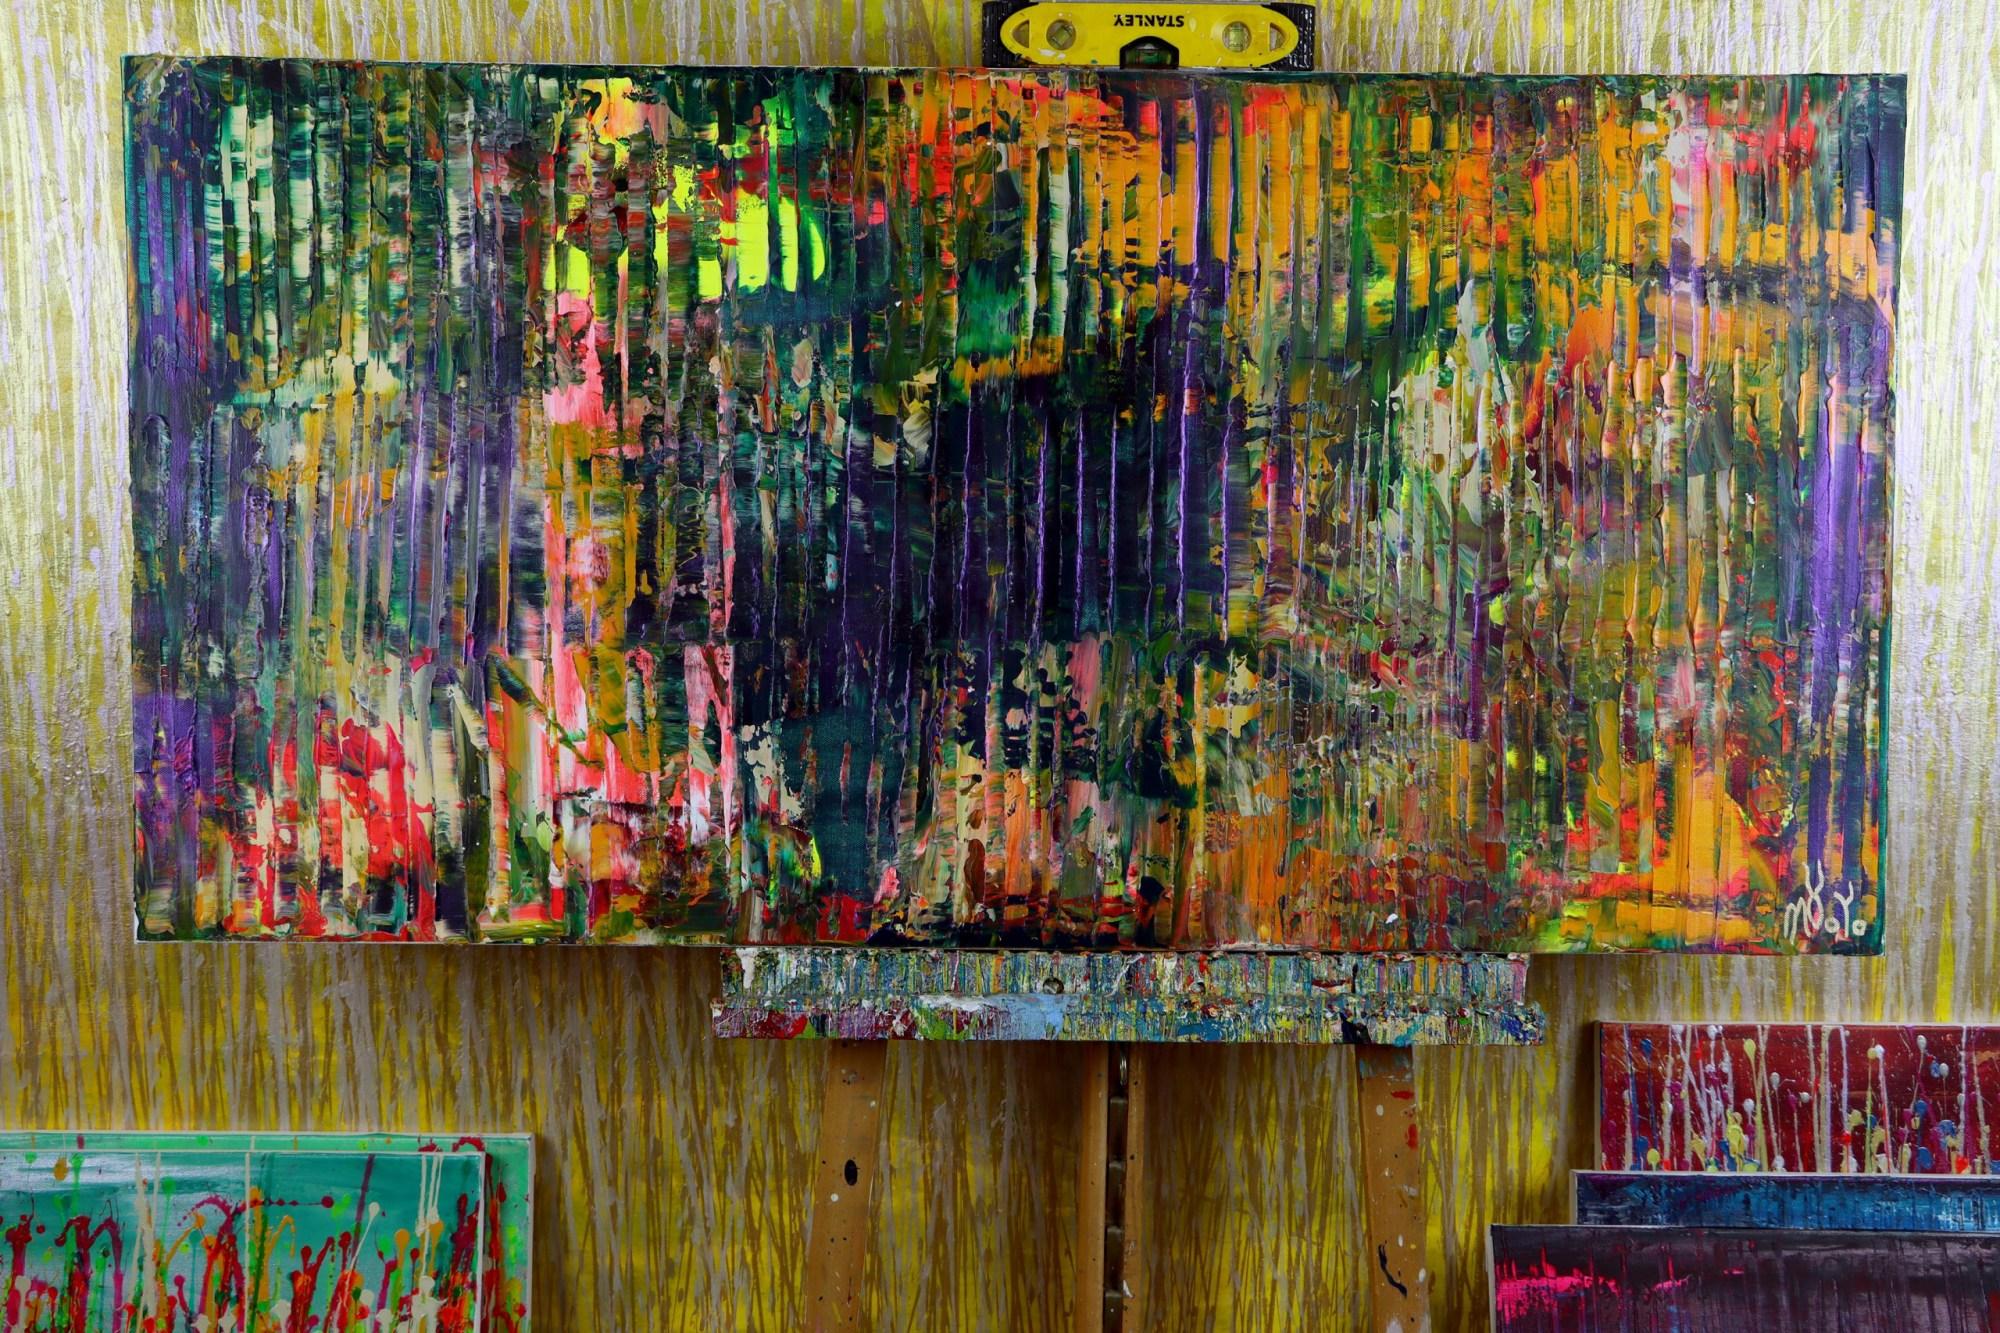 STUDIO VIEW / A Color Equation 7 (2021) by Nestor Toro